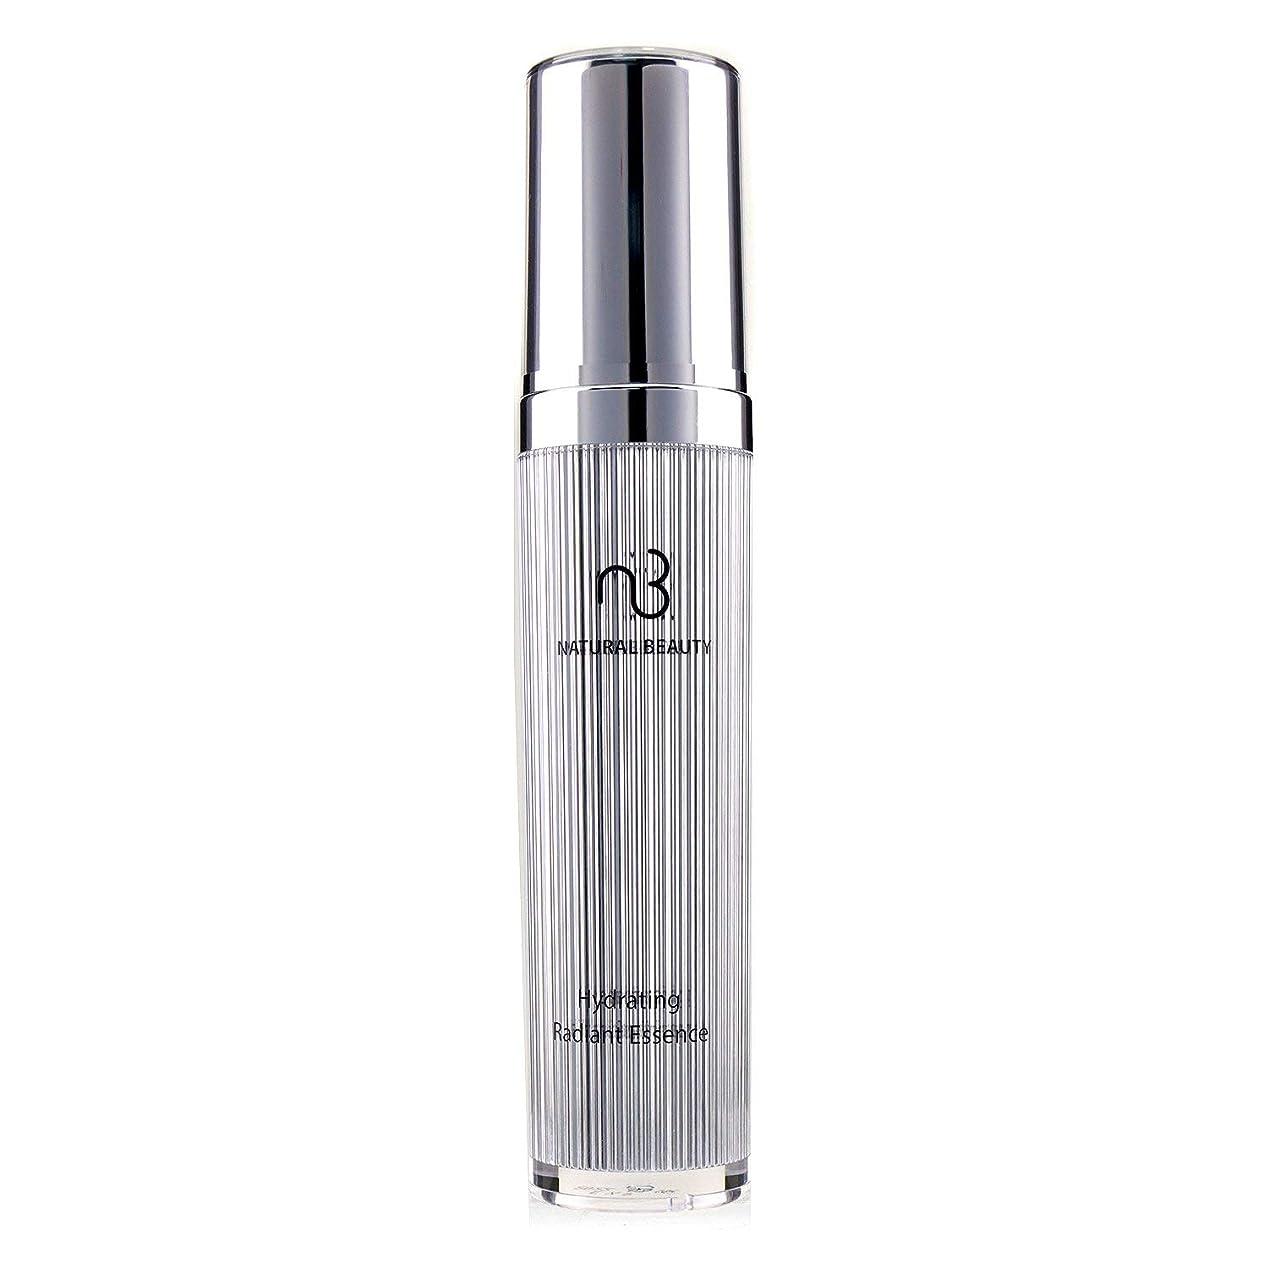 悲惨な窒素バランス自然の美 ハイドレイティングラディアントエッセンス Natural Beauty Hydrating Radiant Essence 50ml/1.7oz並行輸入品